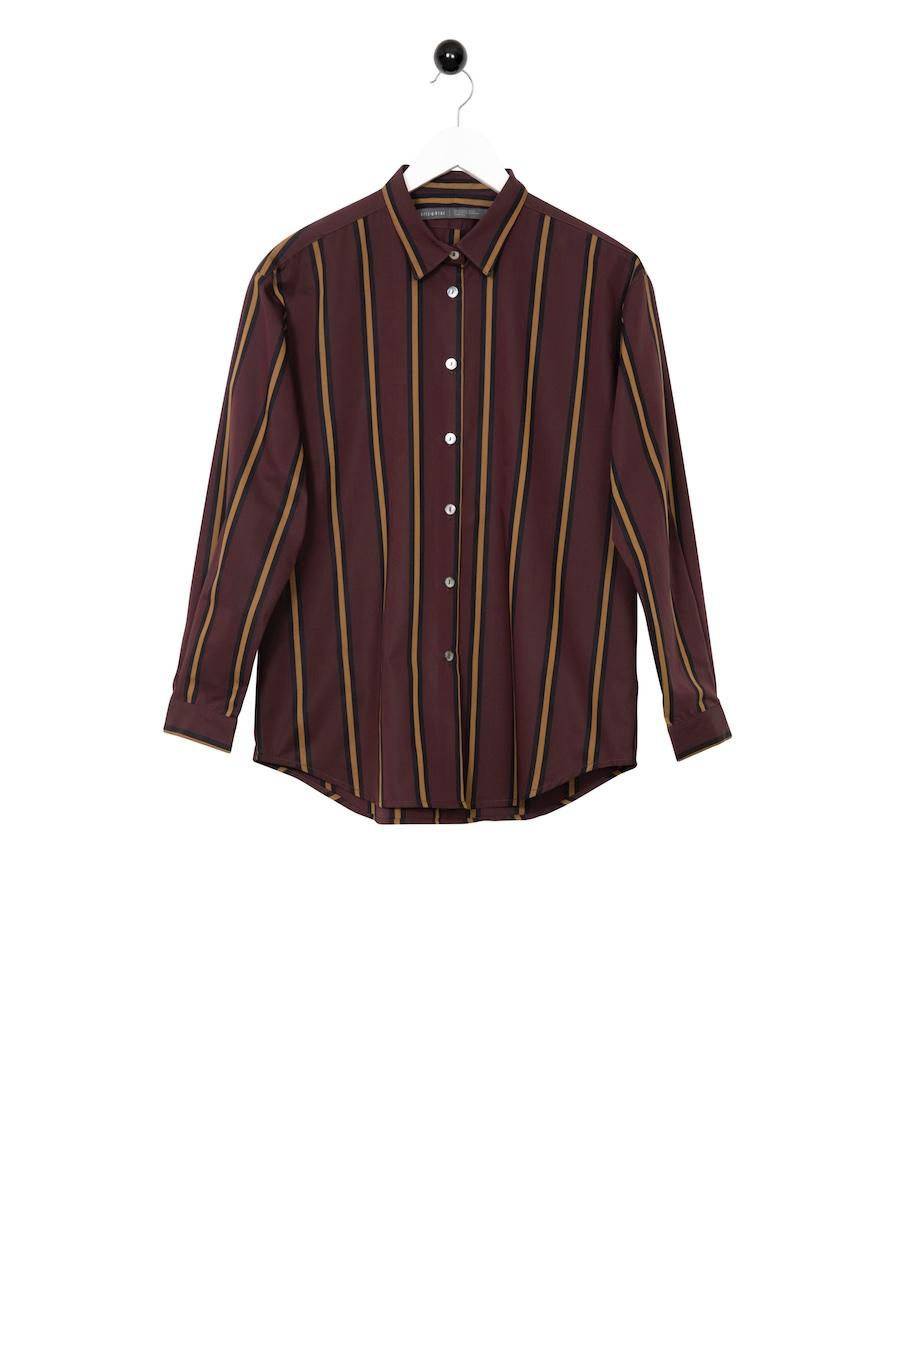 Aubergine Shirt